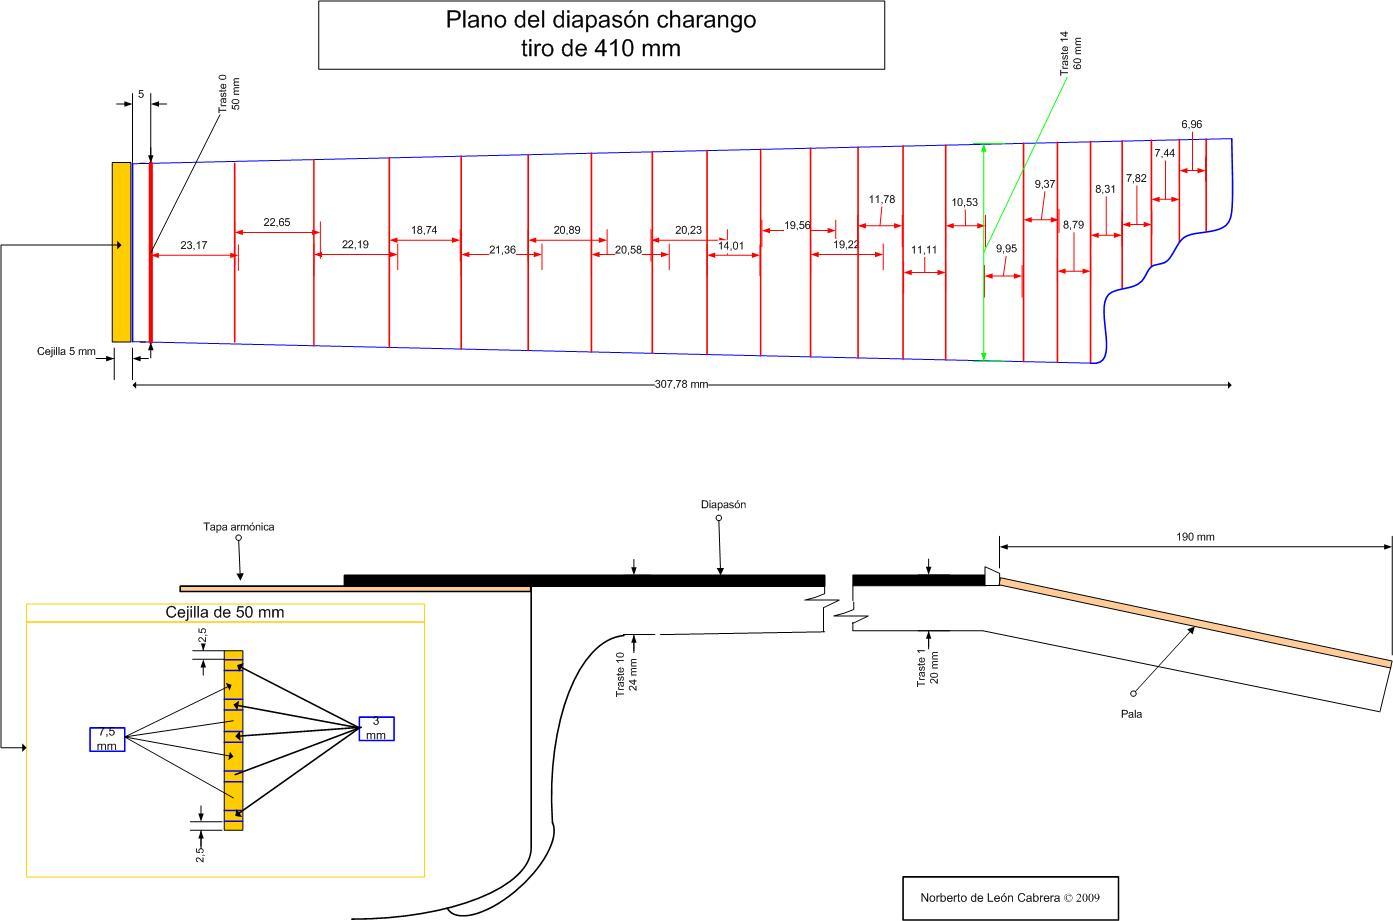 Como construir un charango laukeado: Planos y plantillas